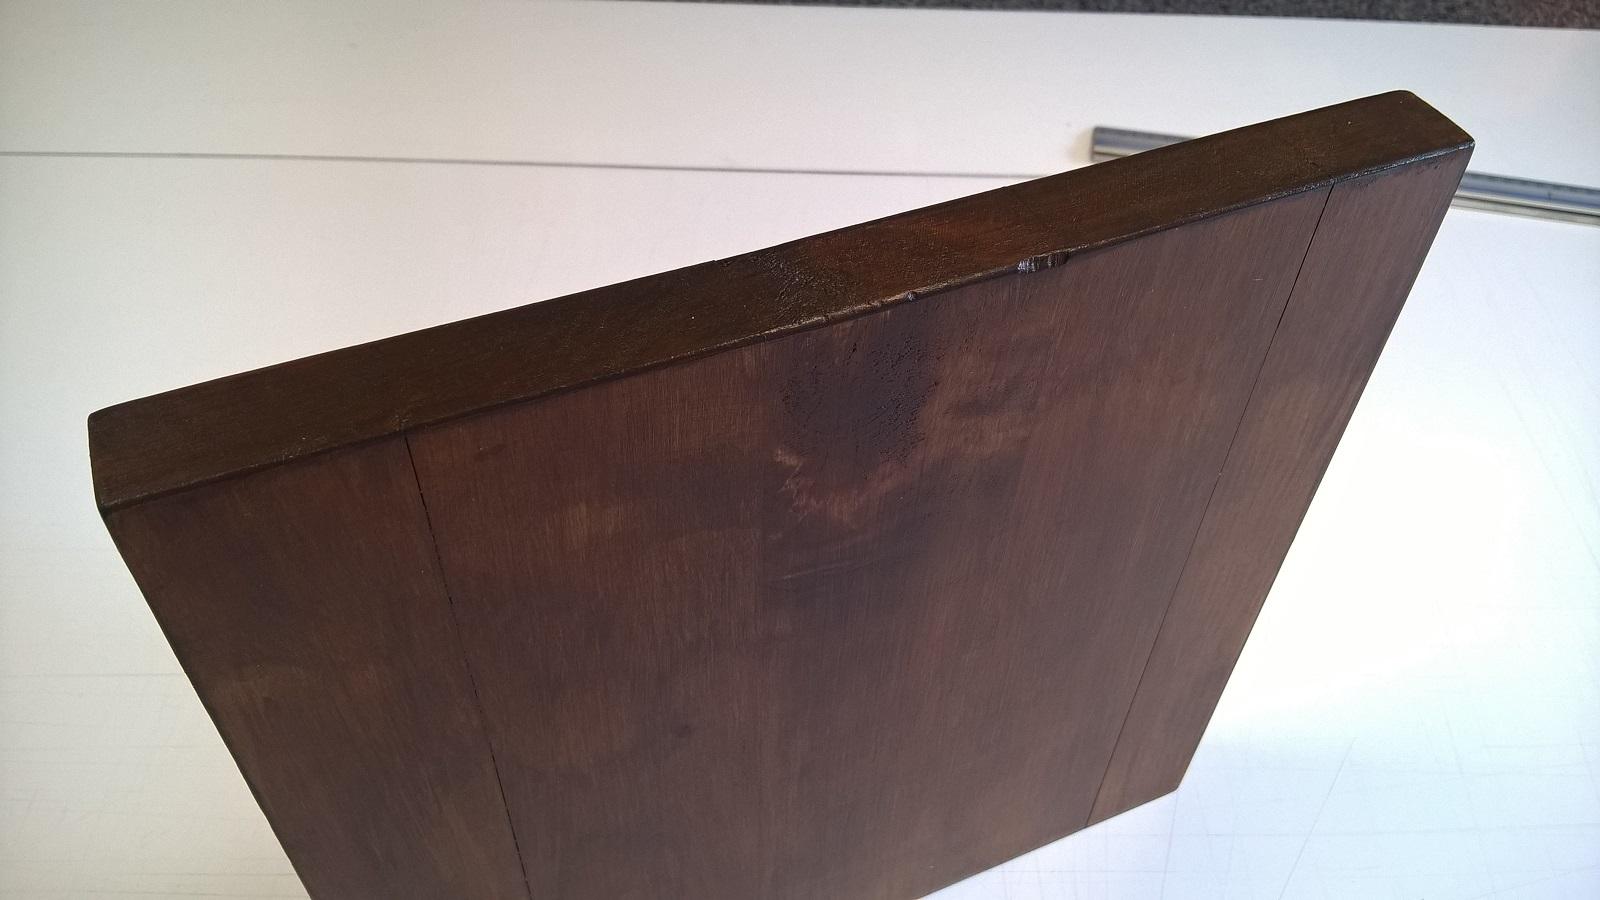 Malowanie na najwyższym poziomie - uzyskano wodoodporność drewna stosując najwyższej klasy lakierobejcę żelową BONDEX Premium Wood Design w kolorze LAPACHO AZTEKÓW (kliknij powyższe zdjęcie - otworzy się strona z wzornikiem kolorów)